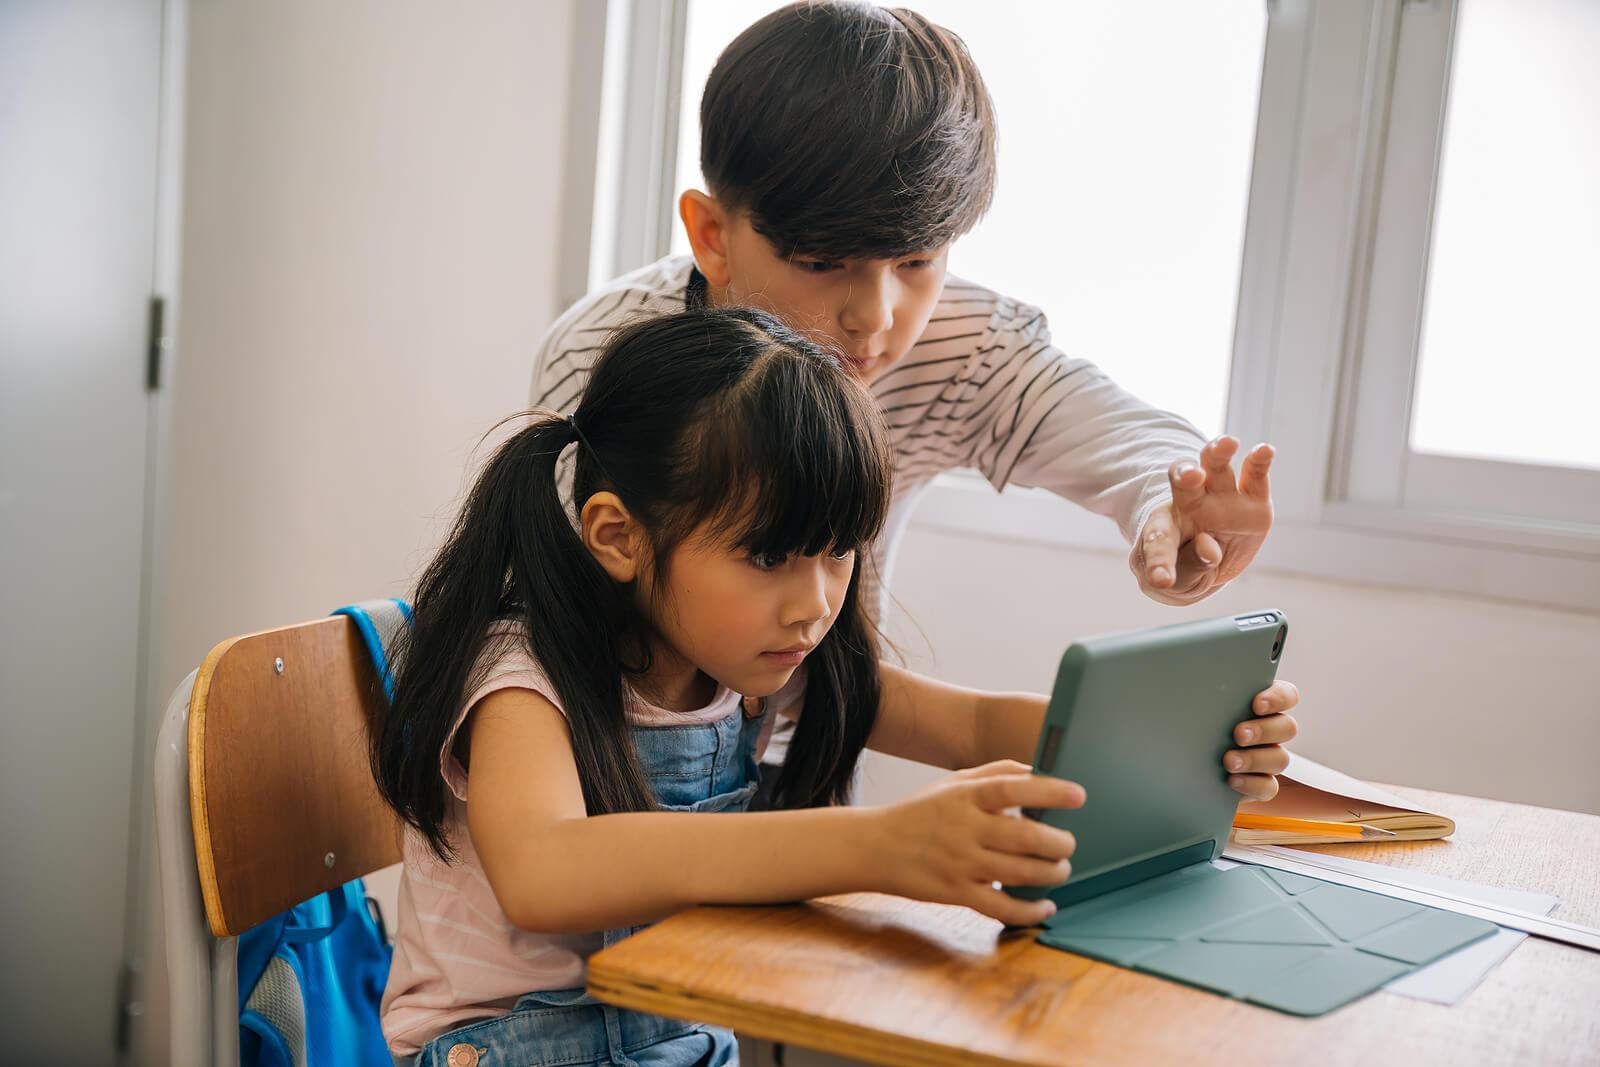 Niños nativos digitales consultando información en la tablet.